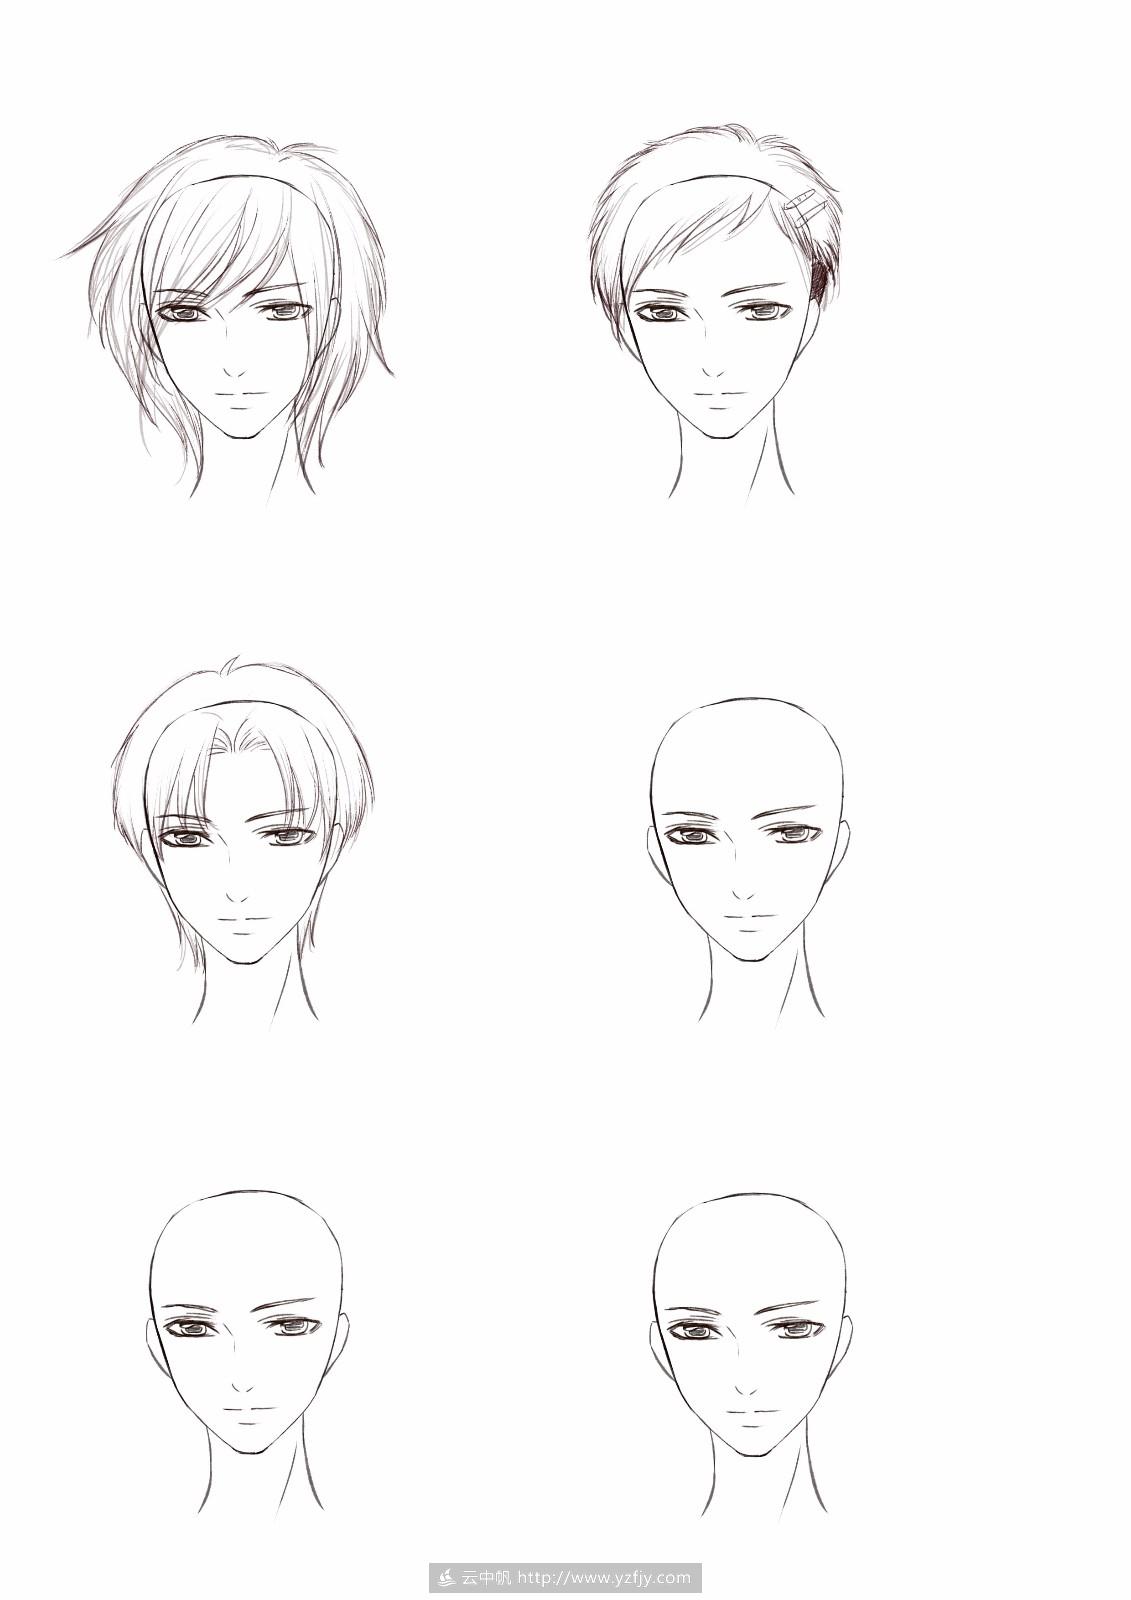 第九期第六节-男生日常发型绘制_漫画/q版绘画班_绘画图片